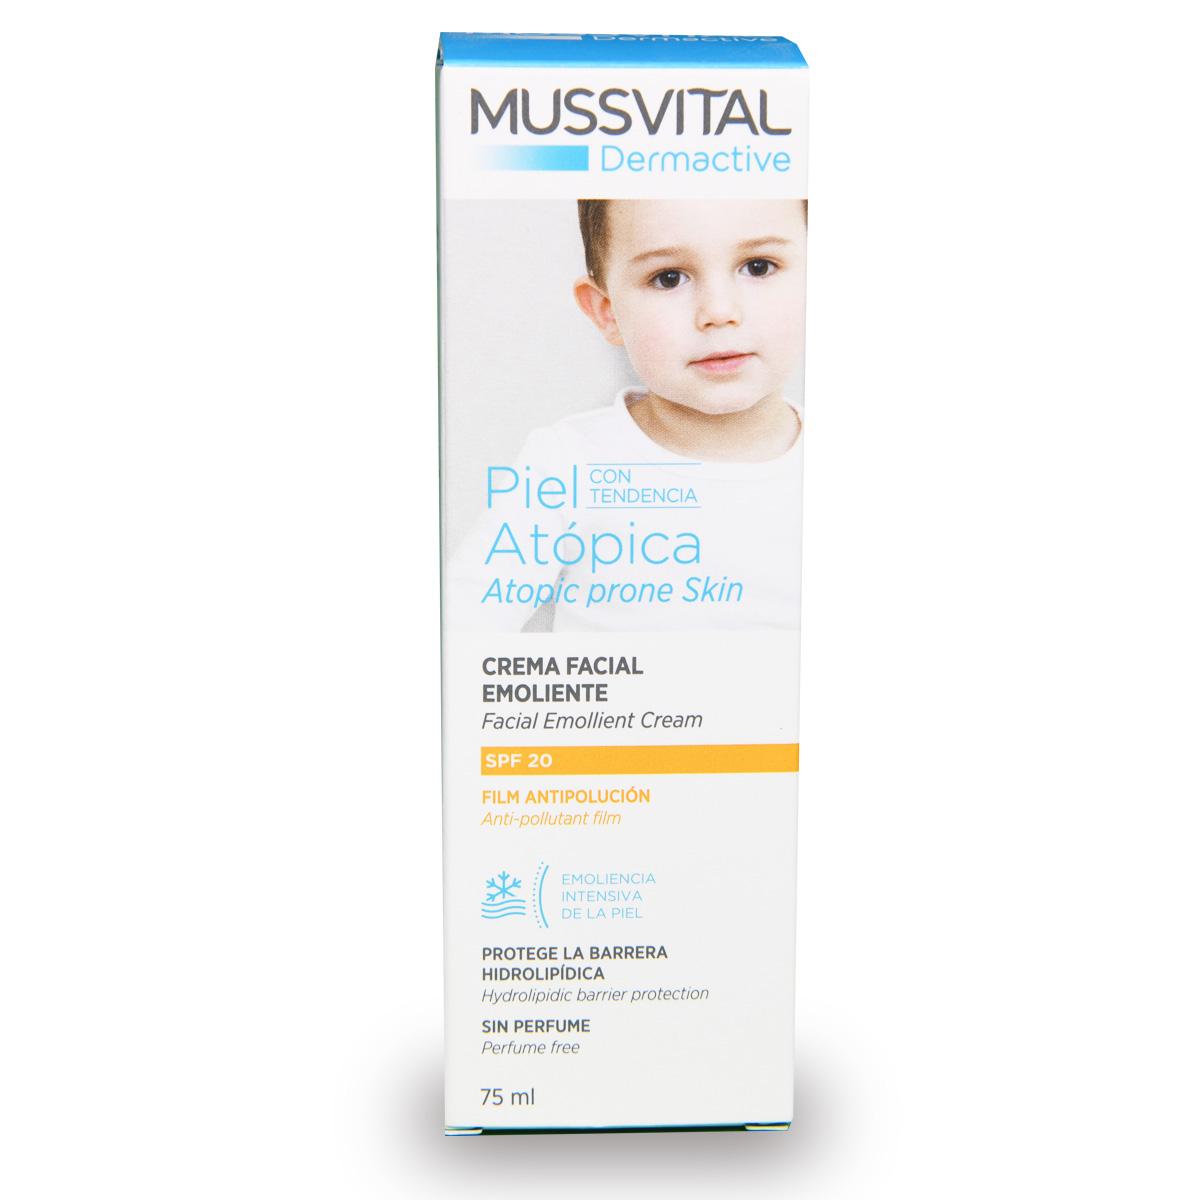 Mussvital Facial Emollient Cream SPF20 - Atopic